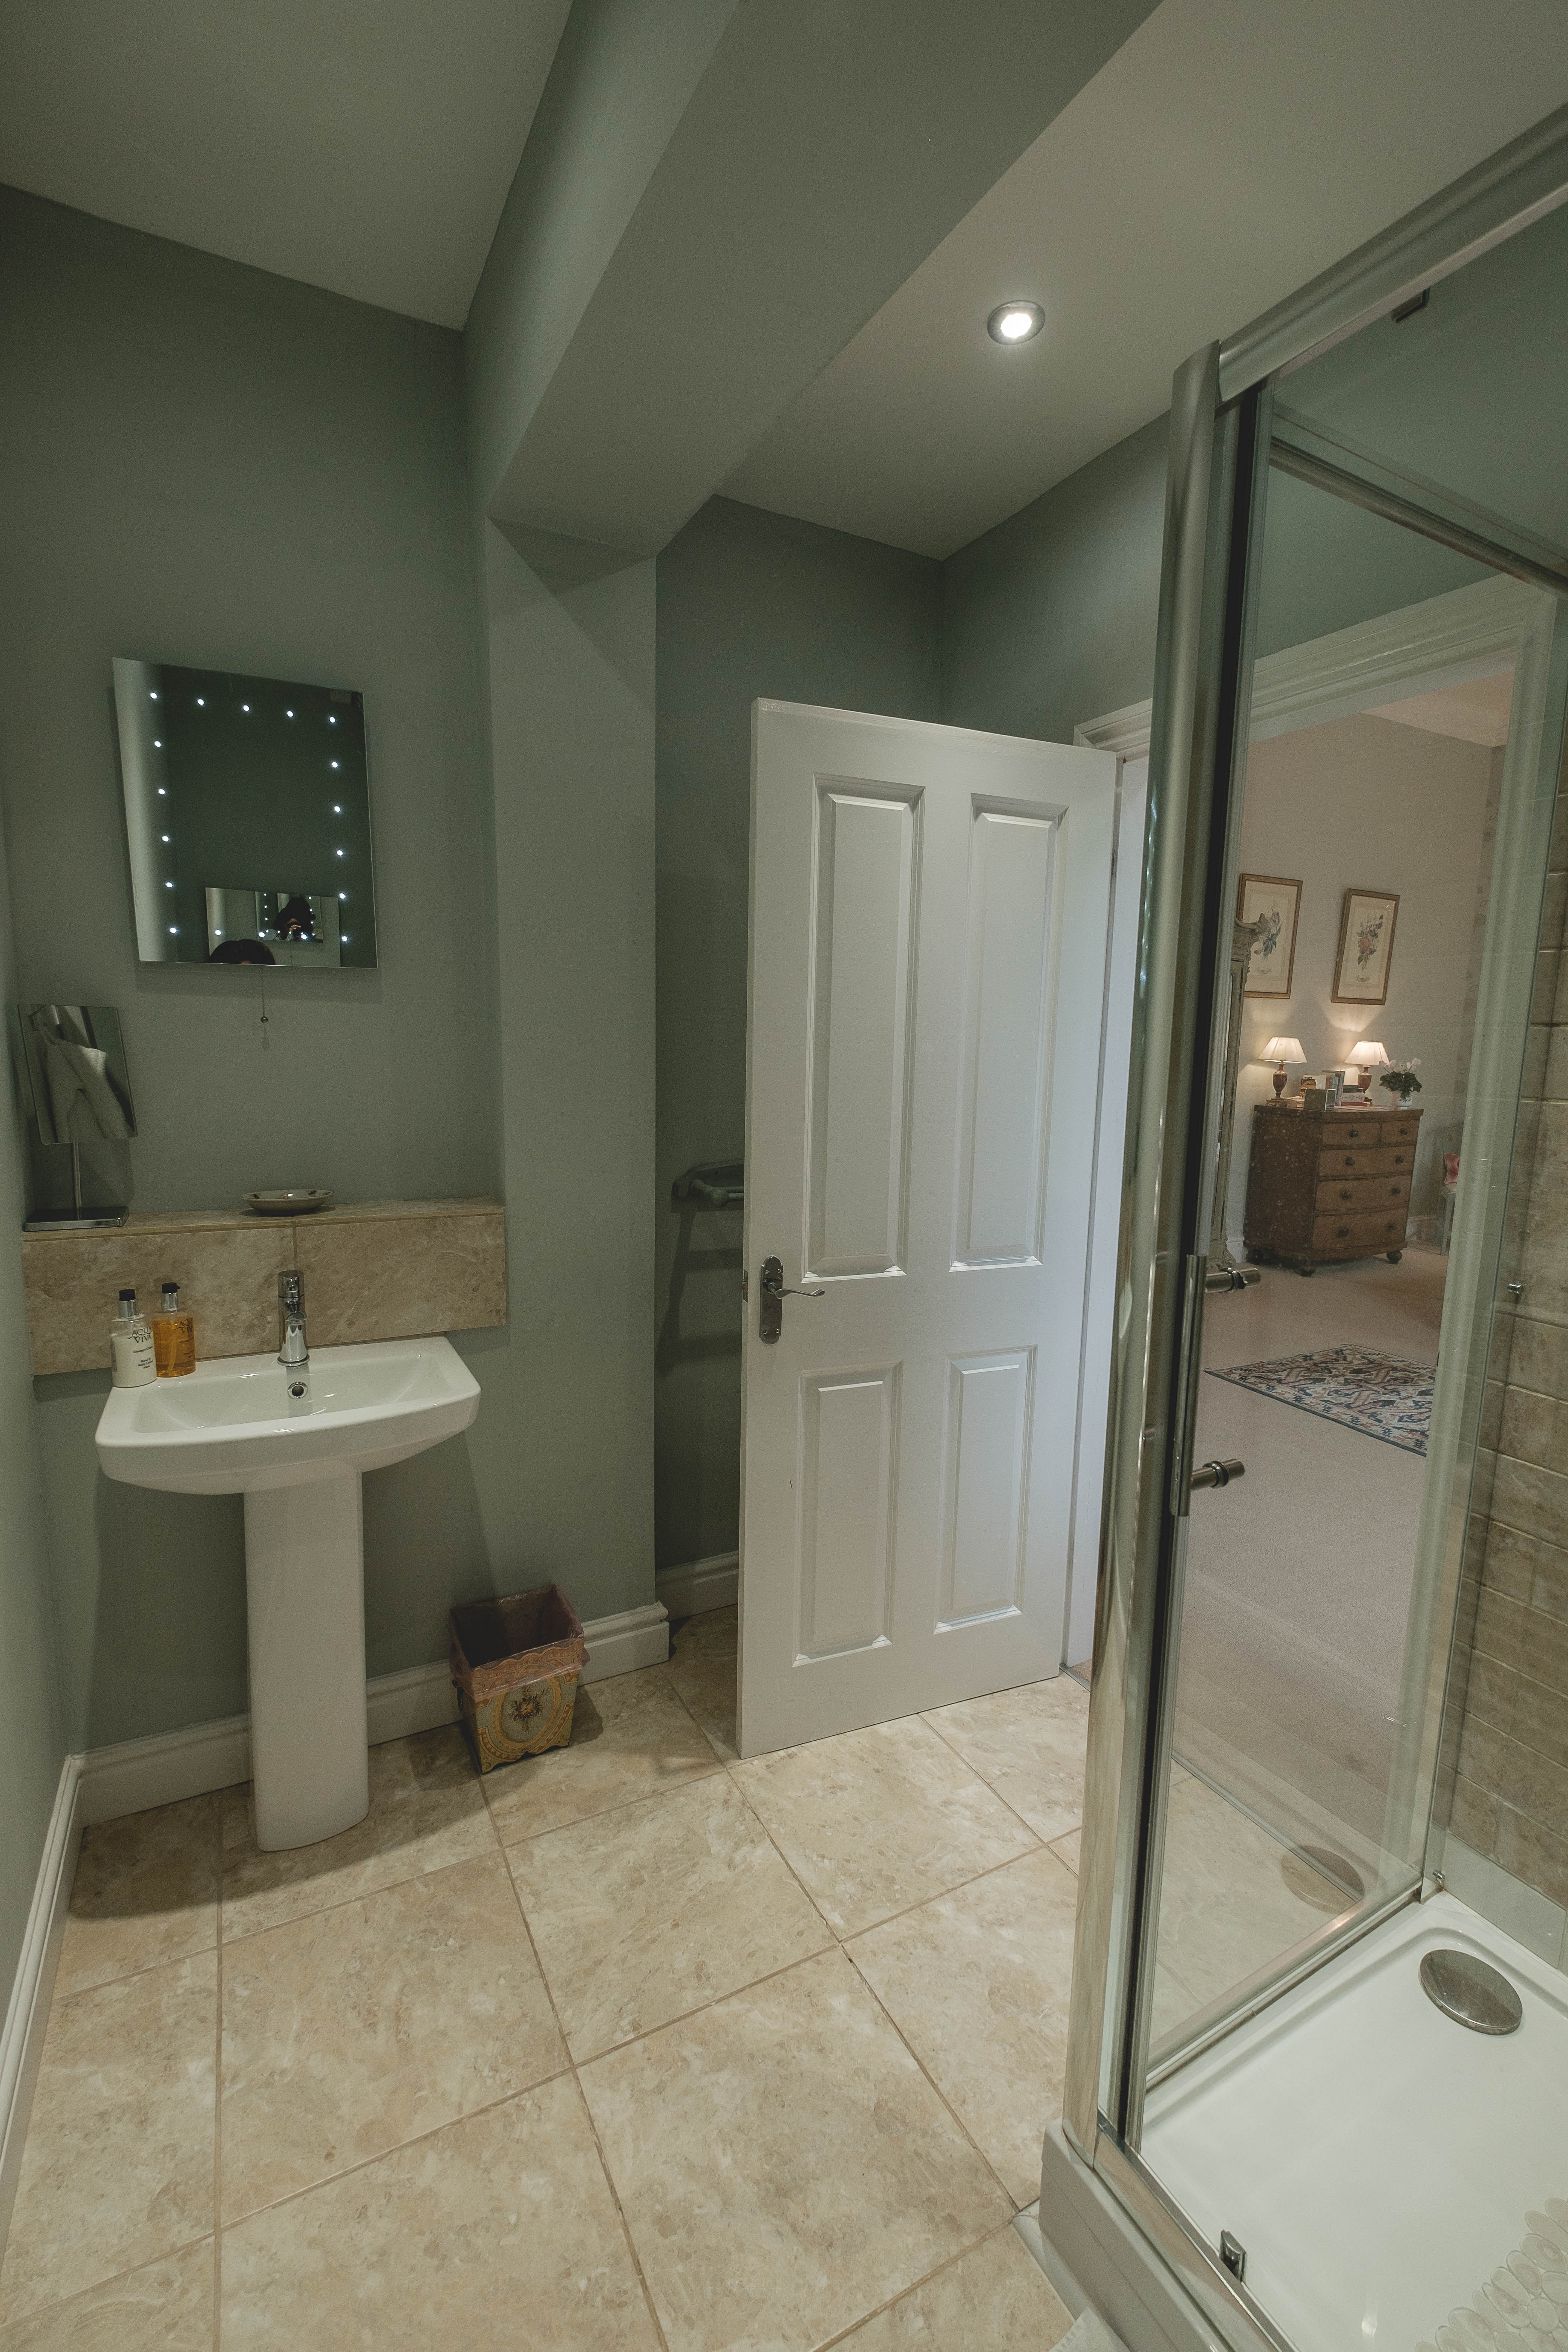 Meynell bathroom